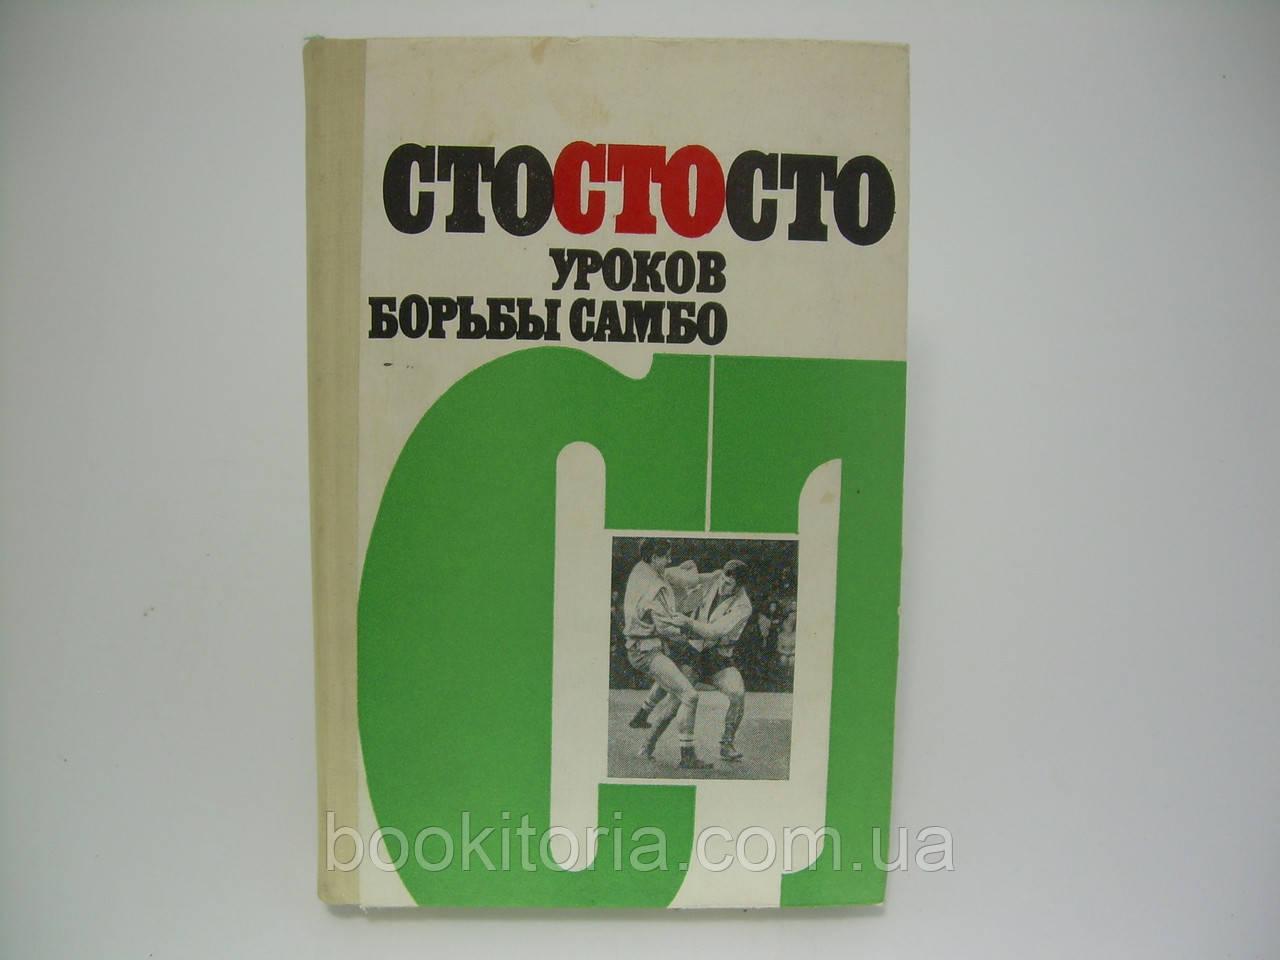 Сто уроков борьбы самбо (б/у).